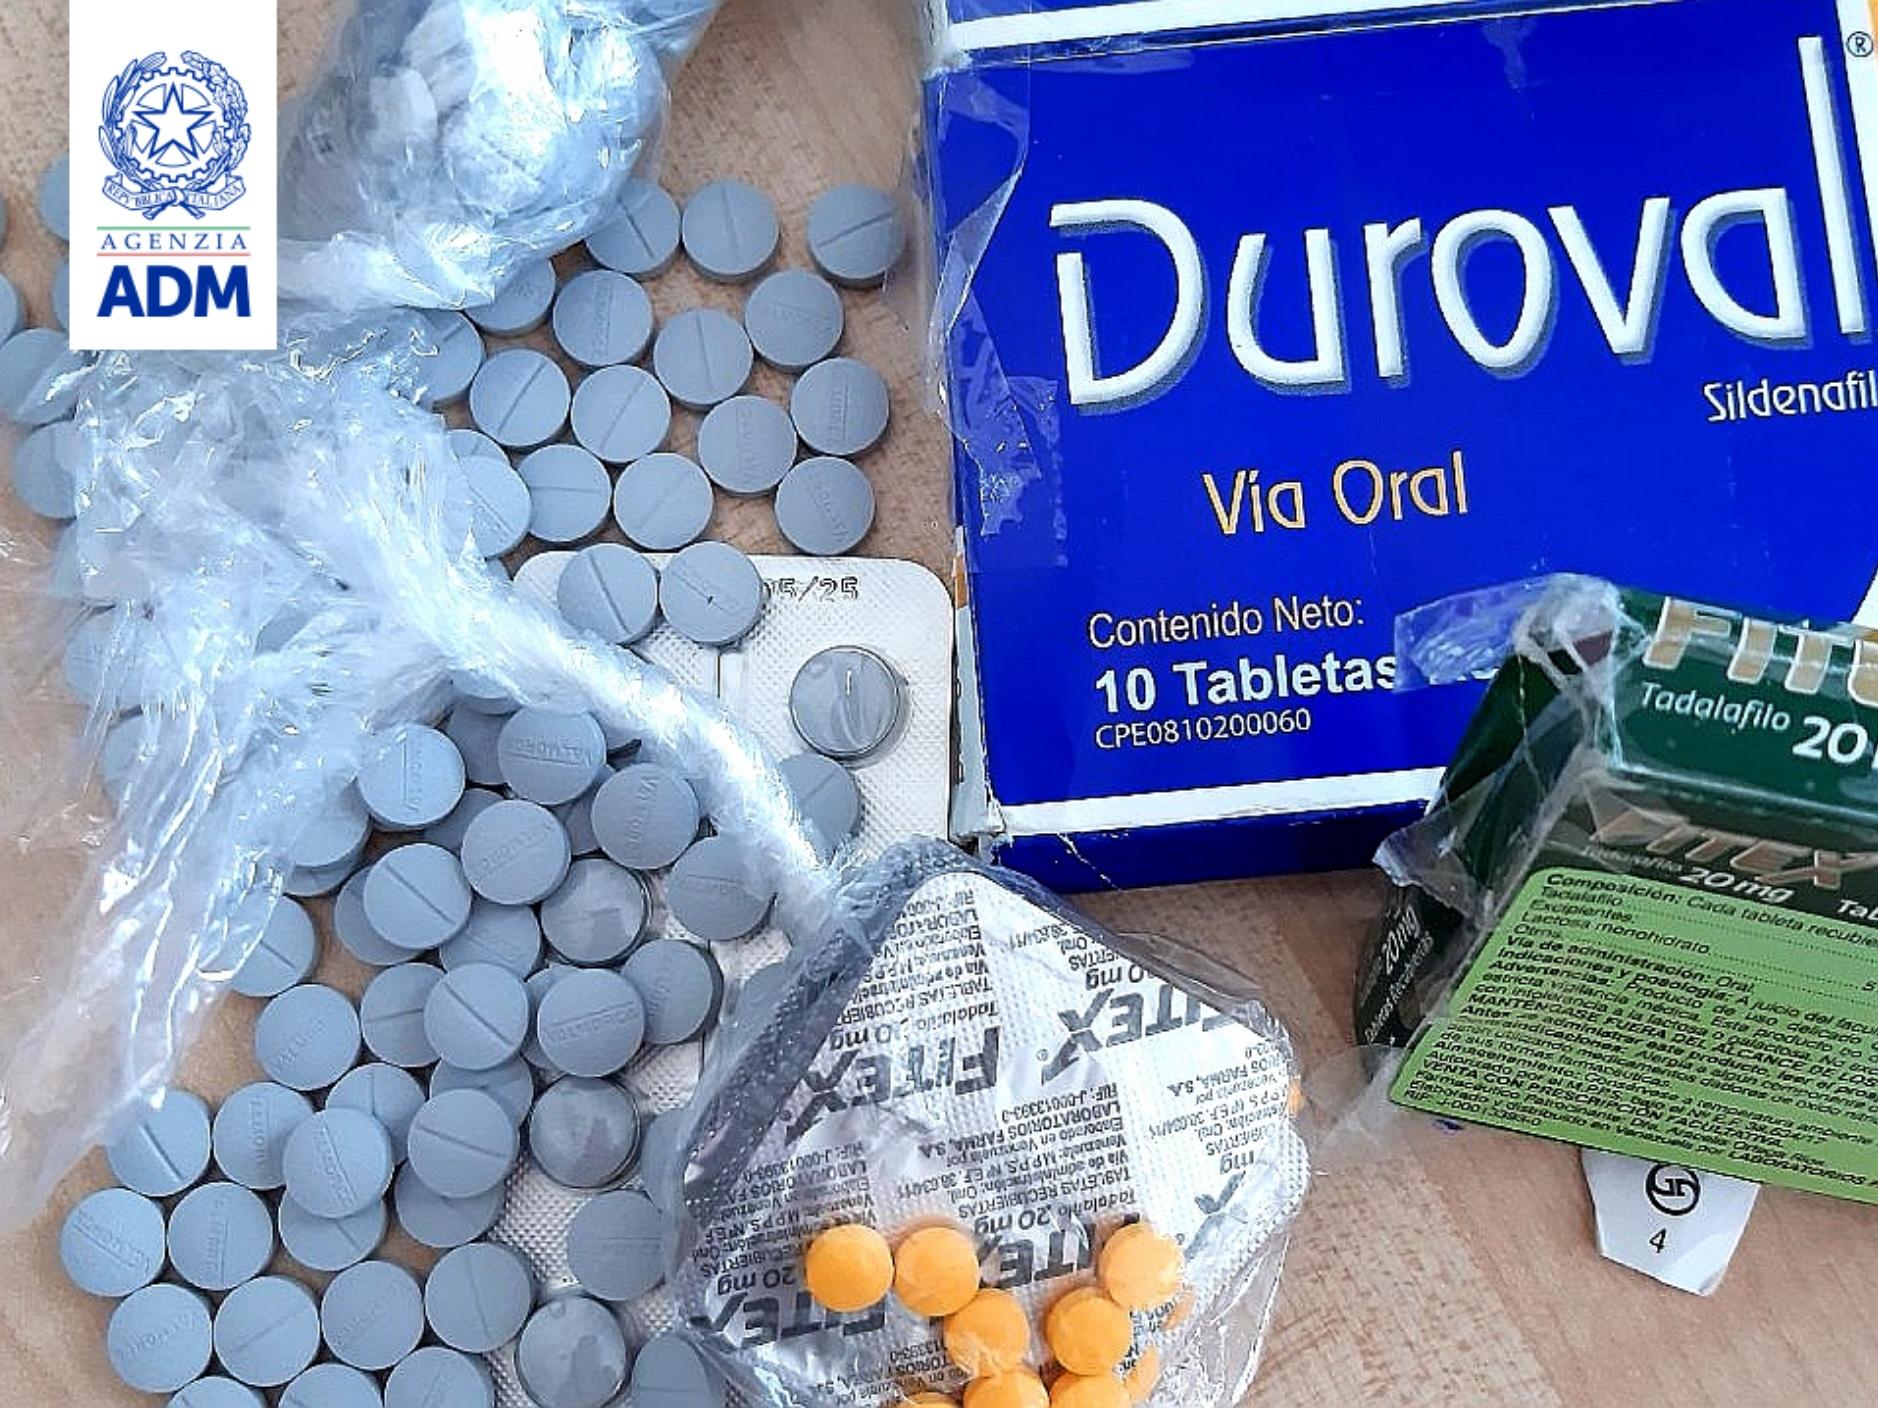 foto marche farmaci disfazioni erettili